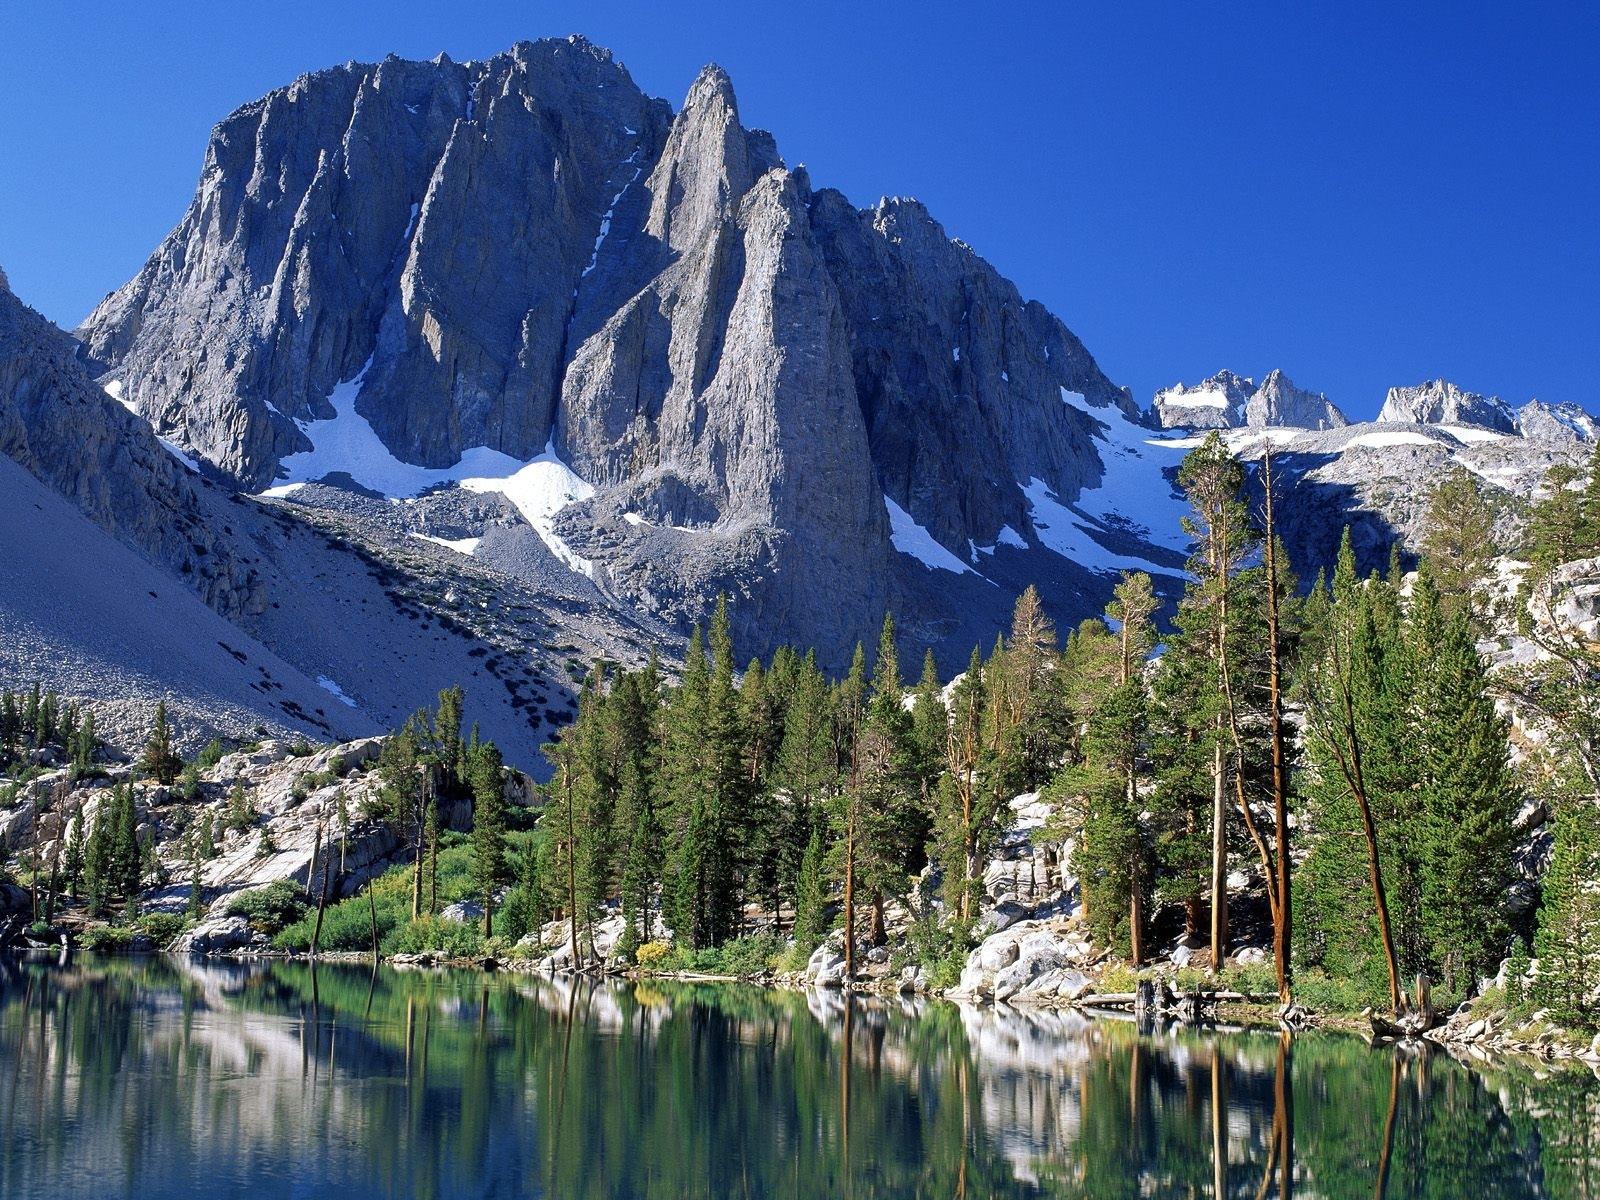 11190 Заставки и Обои Озера на телефон. Скачать Озера, Пейзаж, Деревья, Горы картинки бесплатно